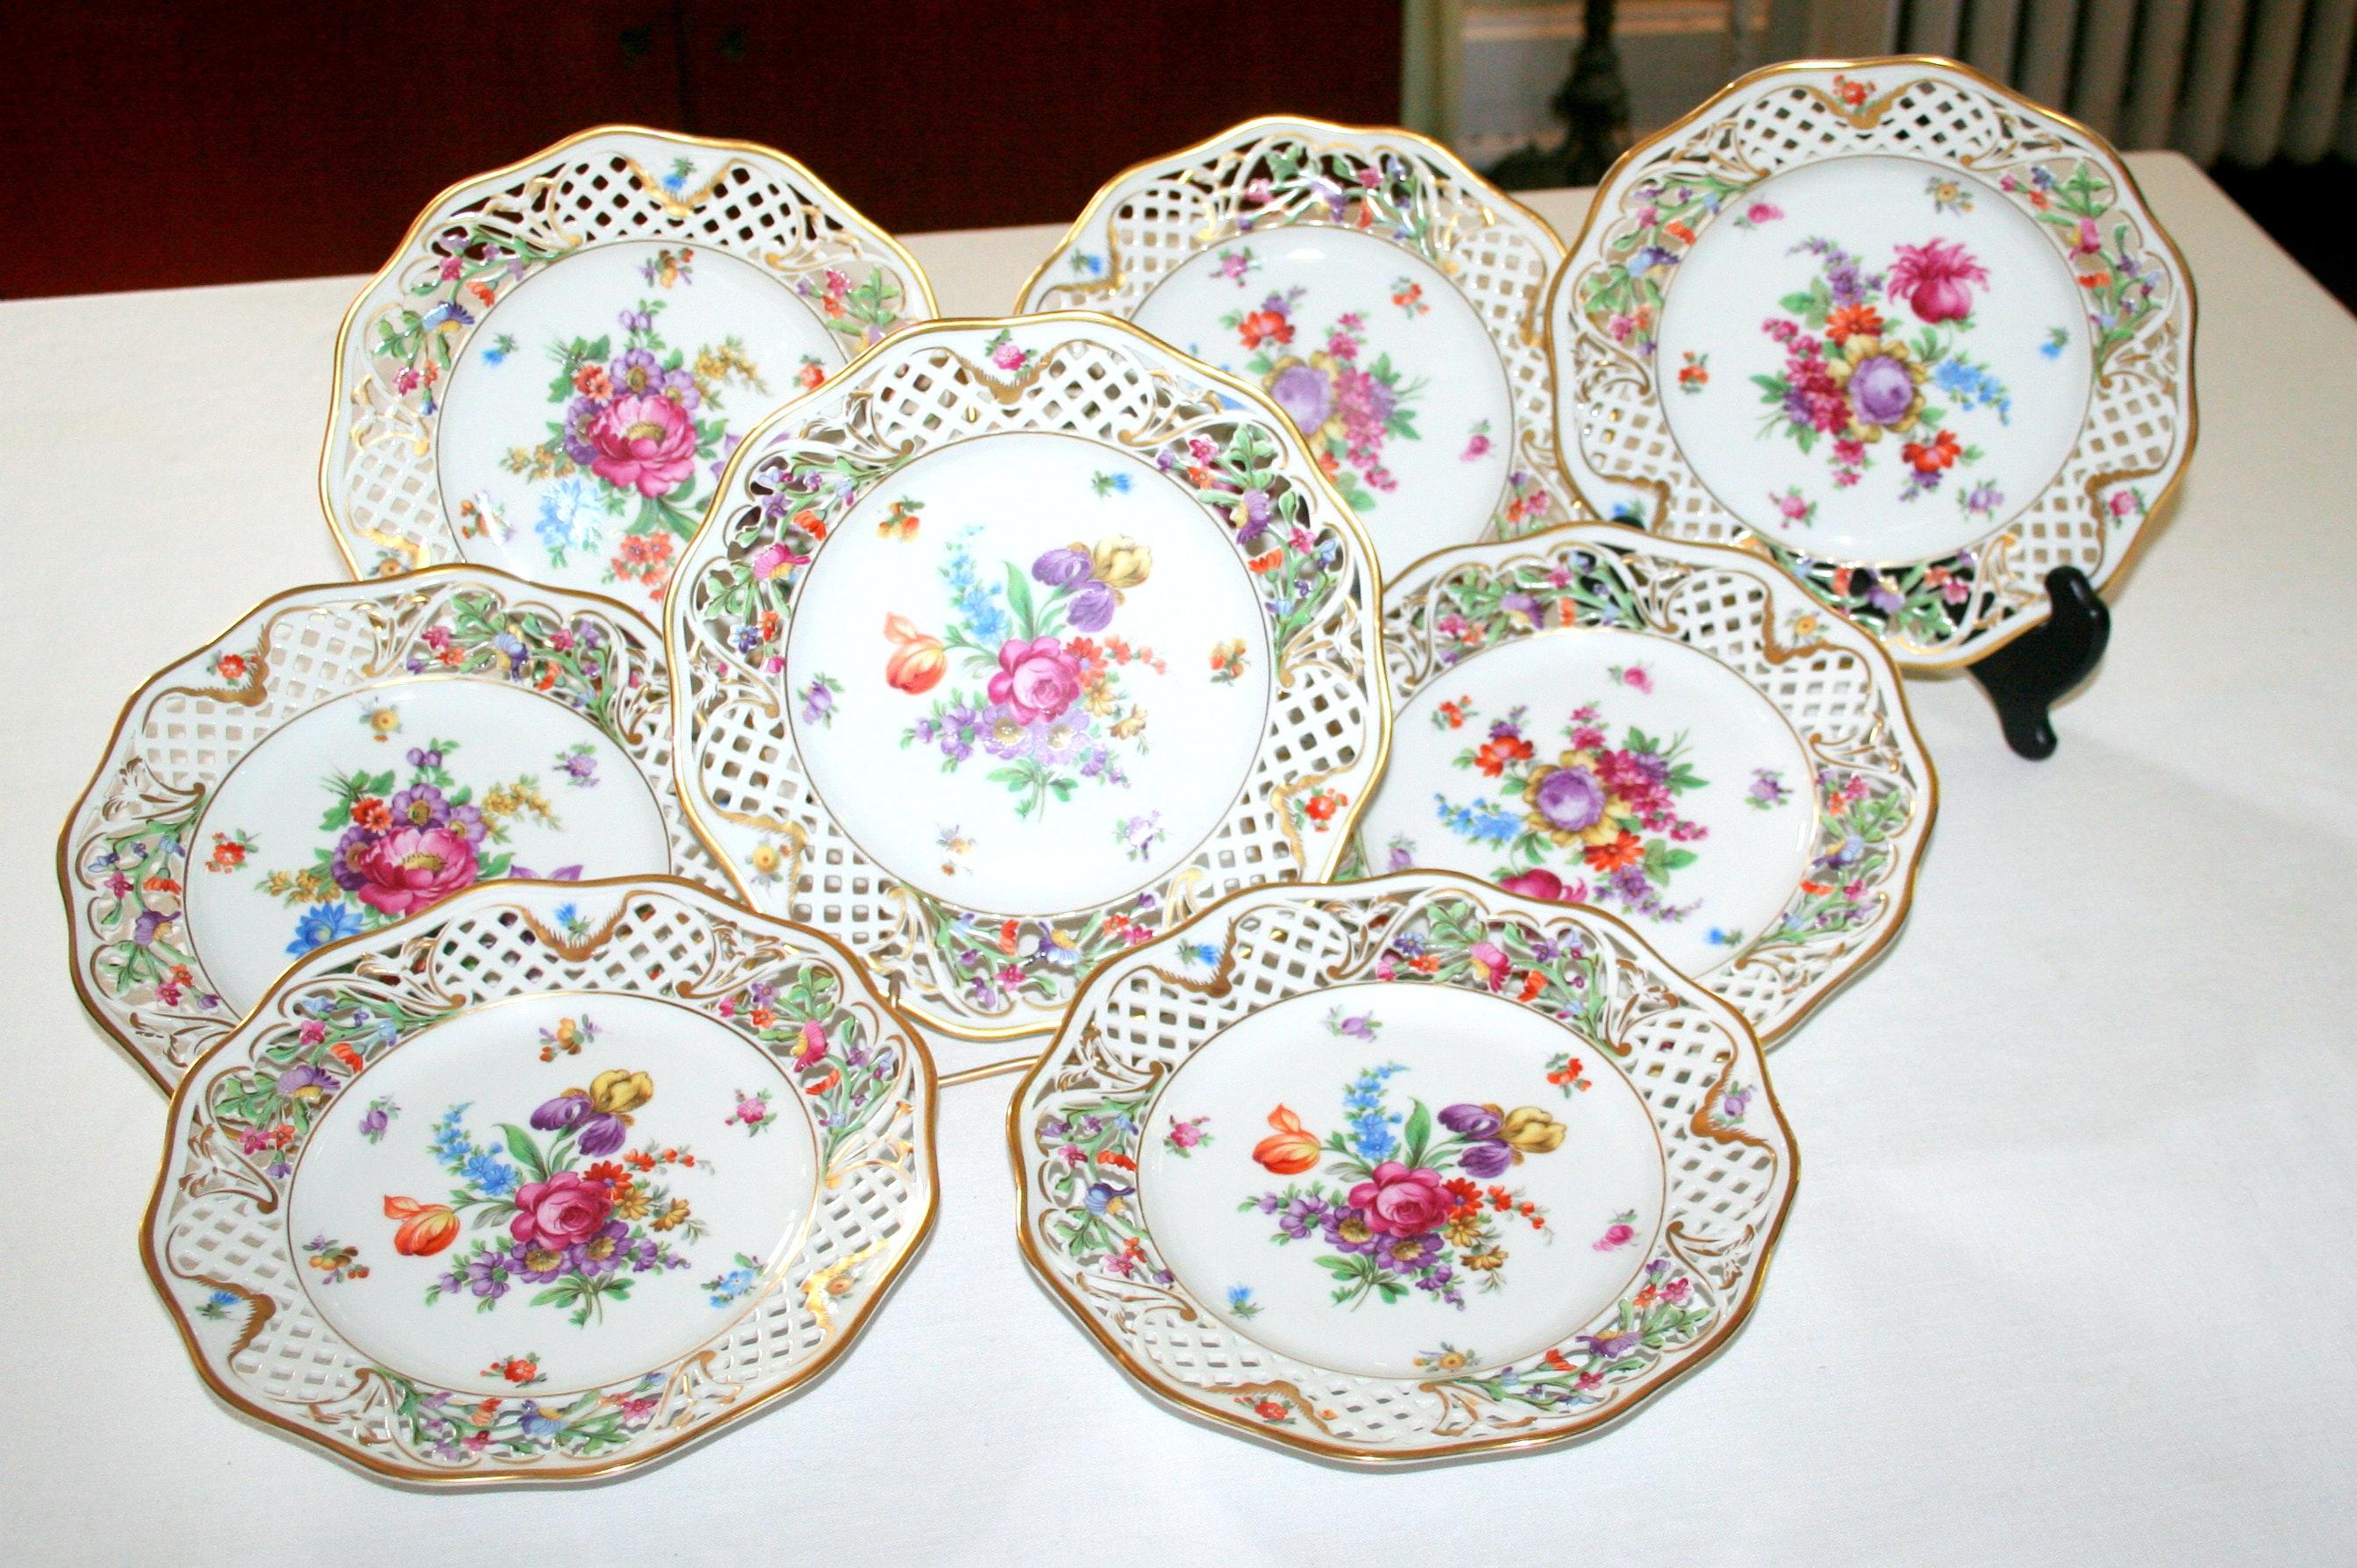 Eight Schumann Dresden China Plates ...  sc 1 st  EBTH.com & Eight Schumann Dresden China Plates : EBTH